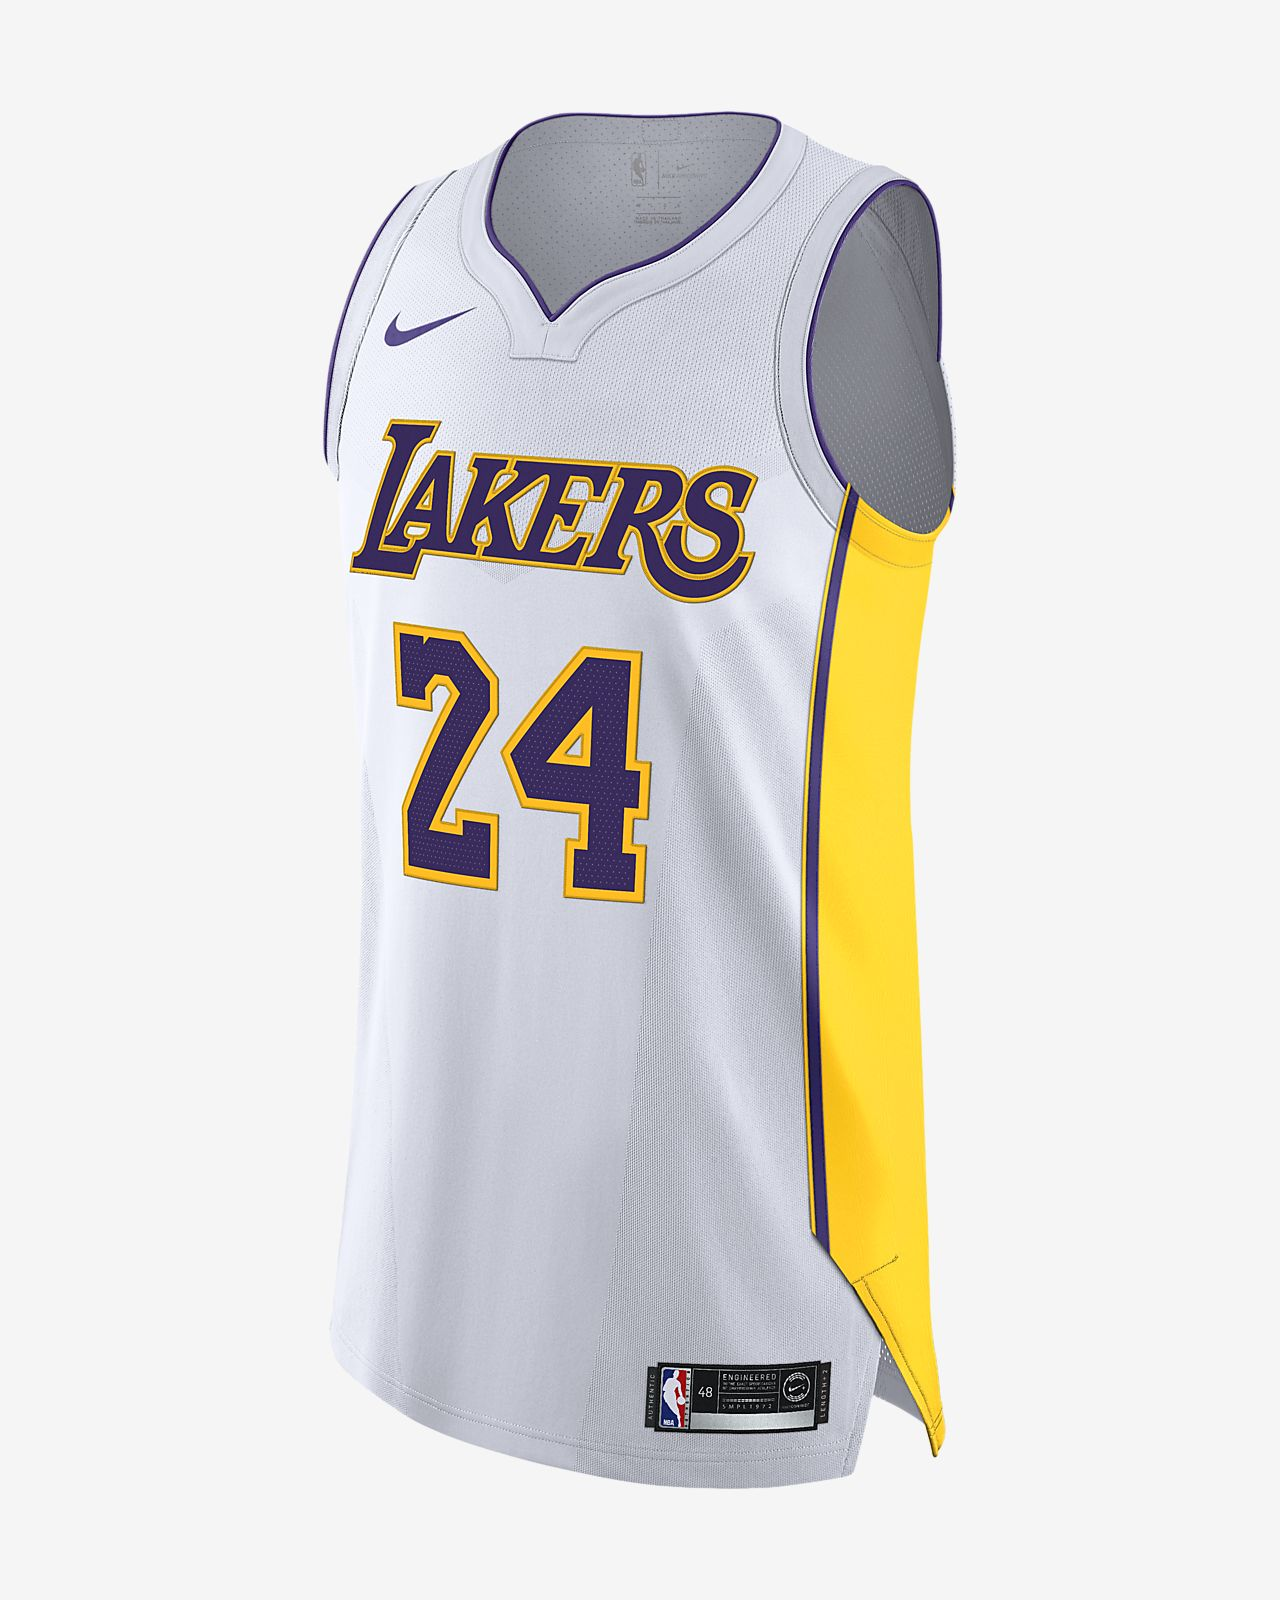 432d18a8a9d ... Maillot connecté Nike NBA Kobe Bryant Association Edition Authentic (Los  Angeles Lakers) pour Homme